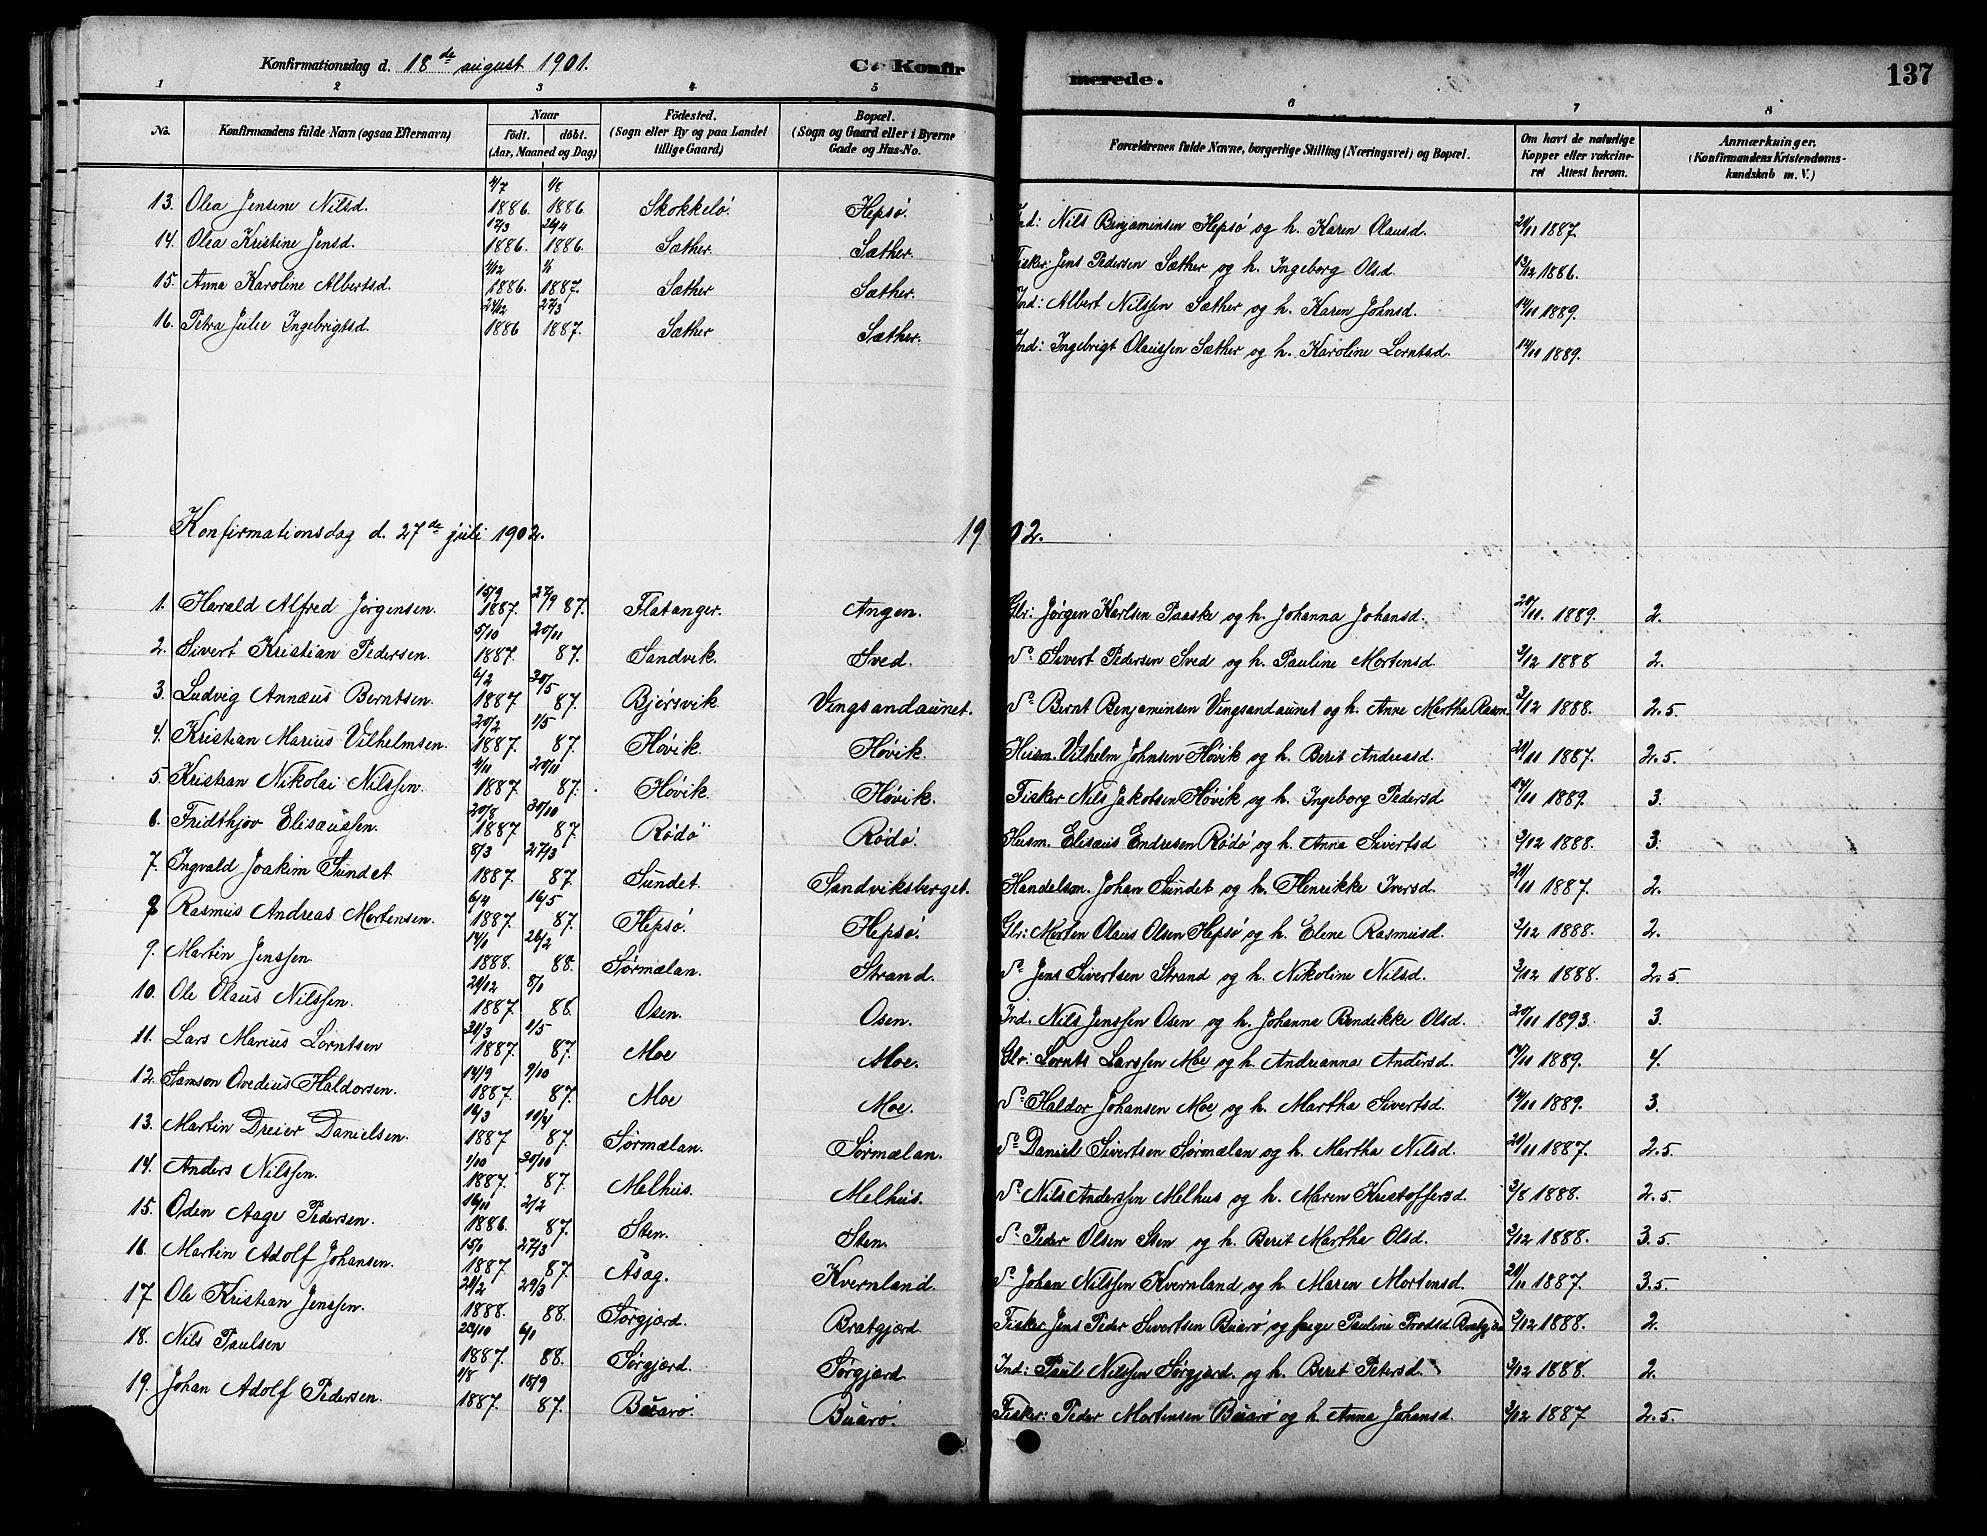 SAT, Ministerialprotokoller, klokkerbøker og fødselsregistre - Sør-Trøndelag, 658/L0726: Klokkerbok nr. 658C02, 1883-1908, s. 137